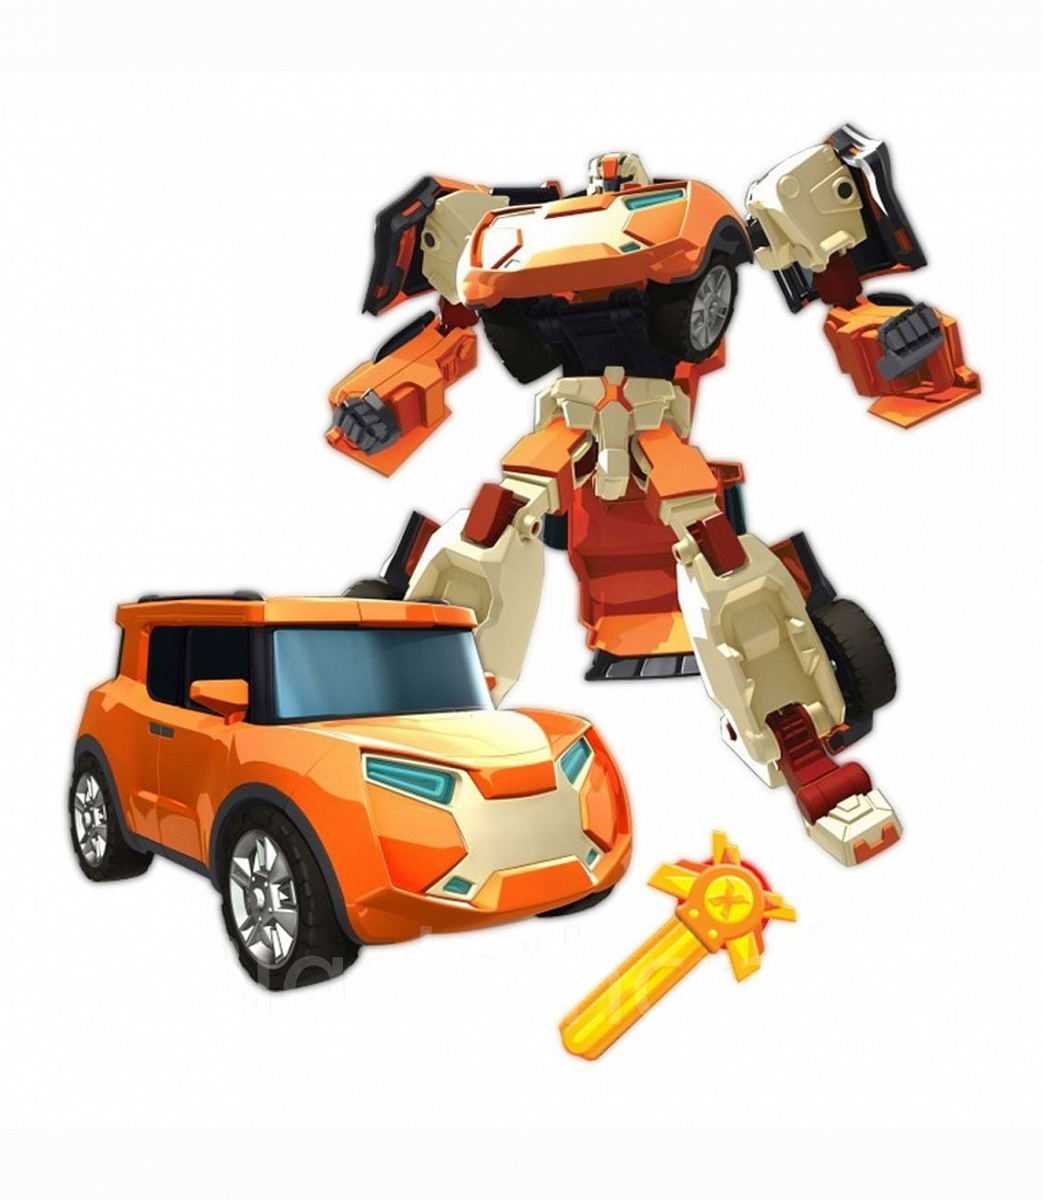 Tobot 301008 Робот-трансформер Тобот эволюция Х